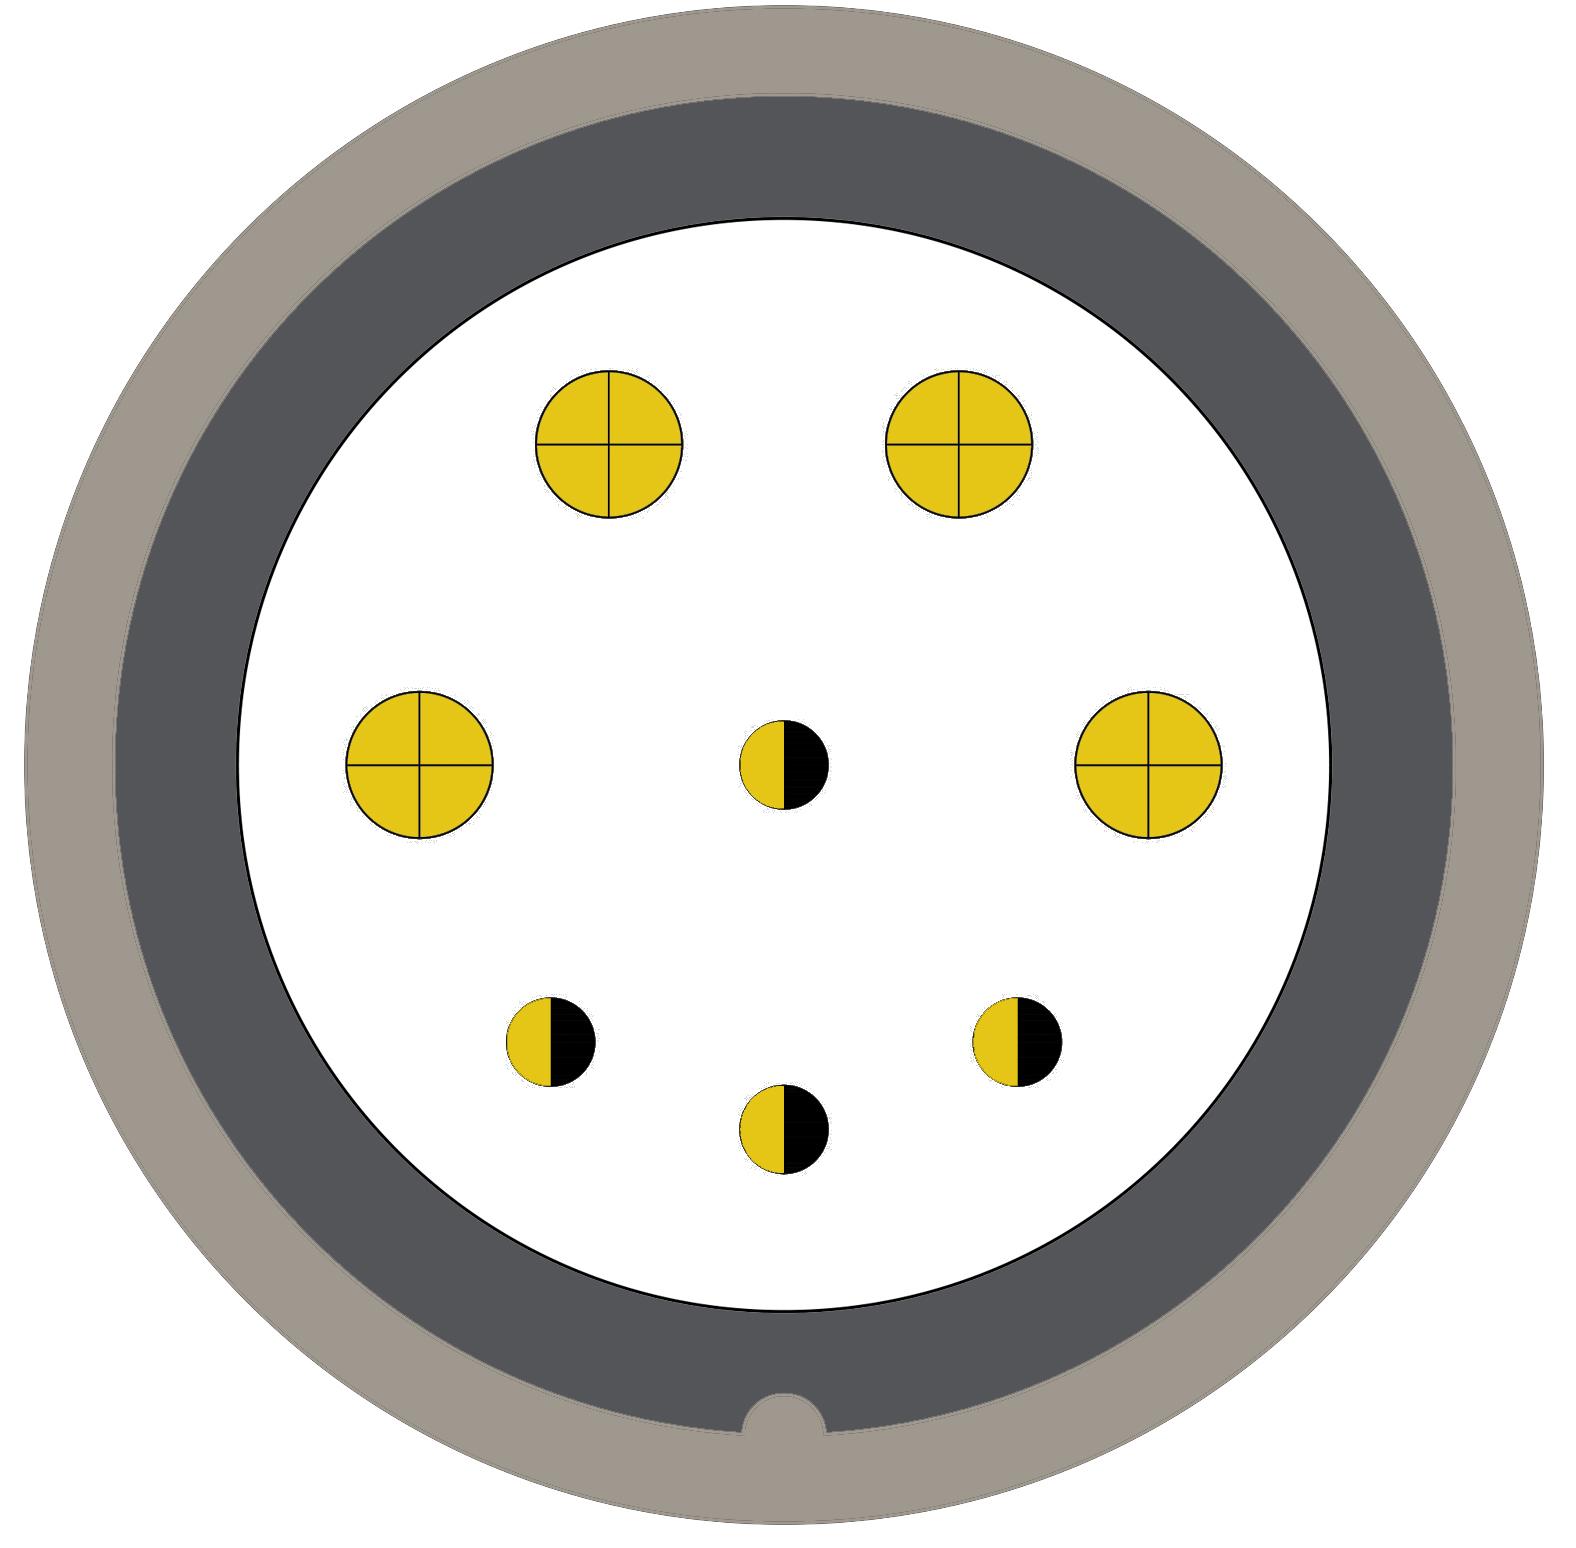 48M (0) 8 way connector